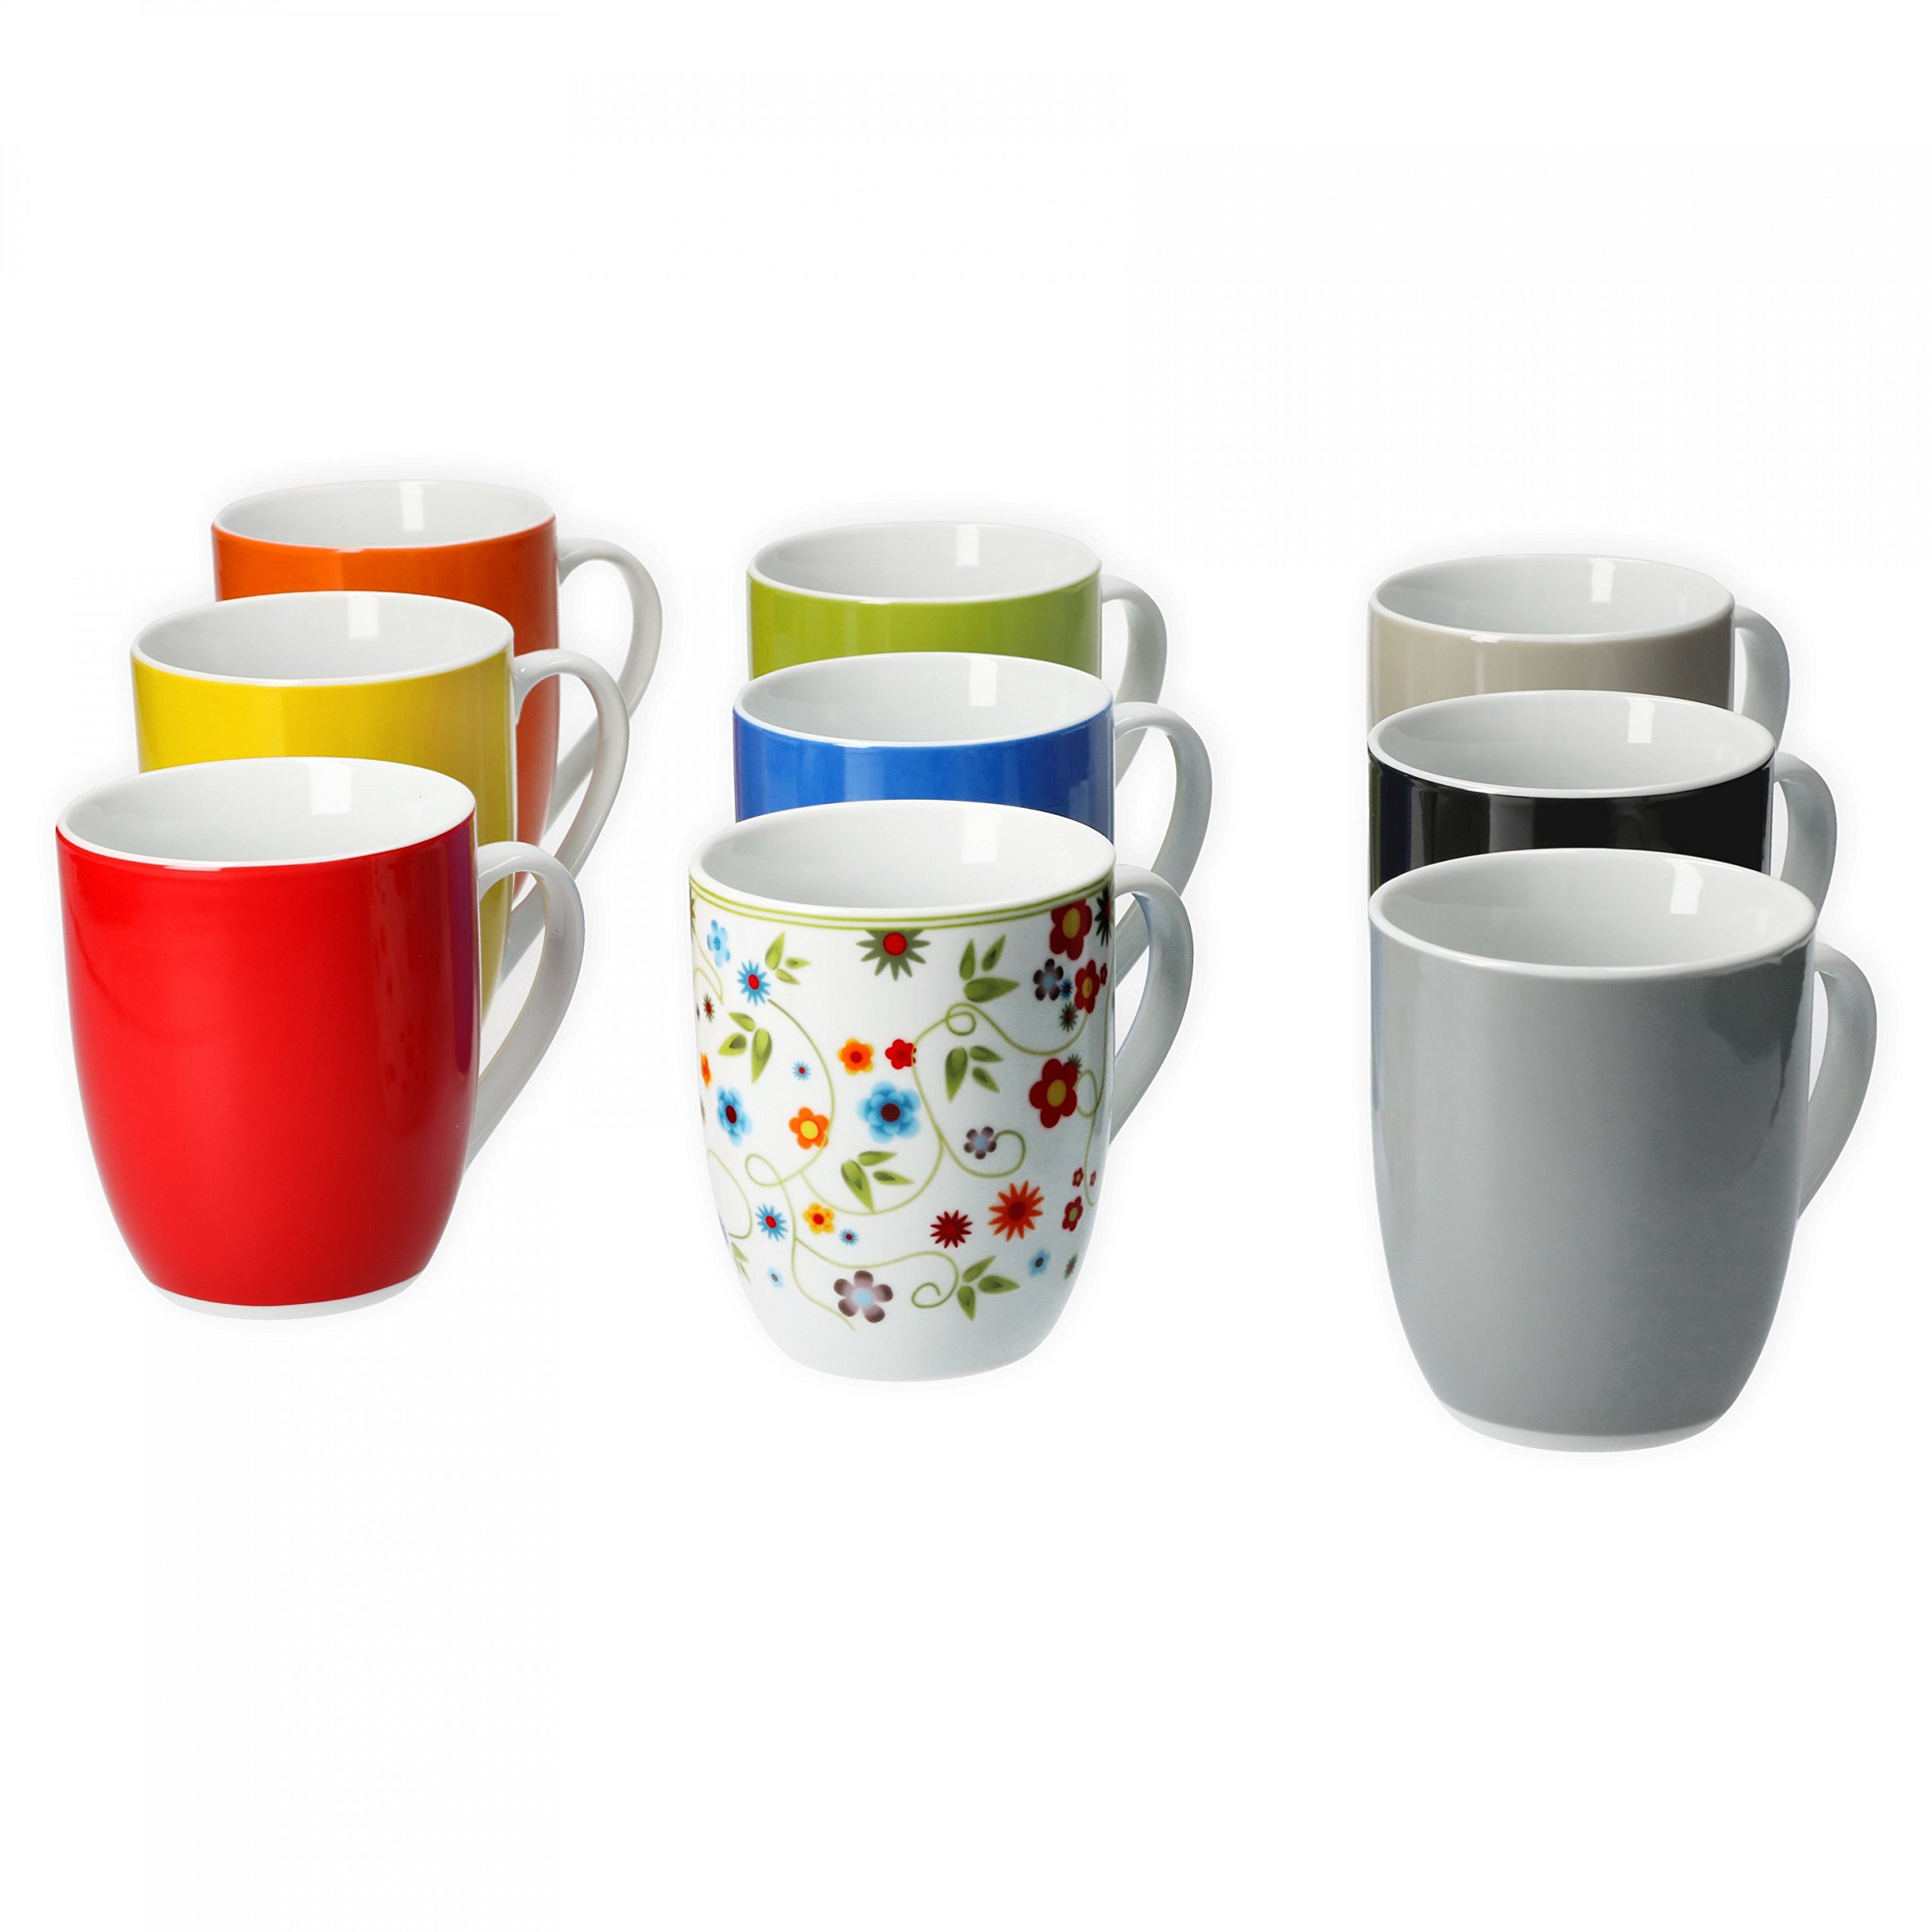 Van Well 6er Set Kaffeebecher Serie Vario Porzellan Farbe